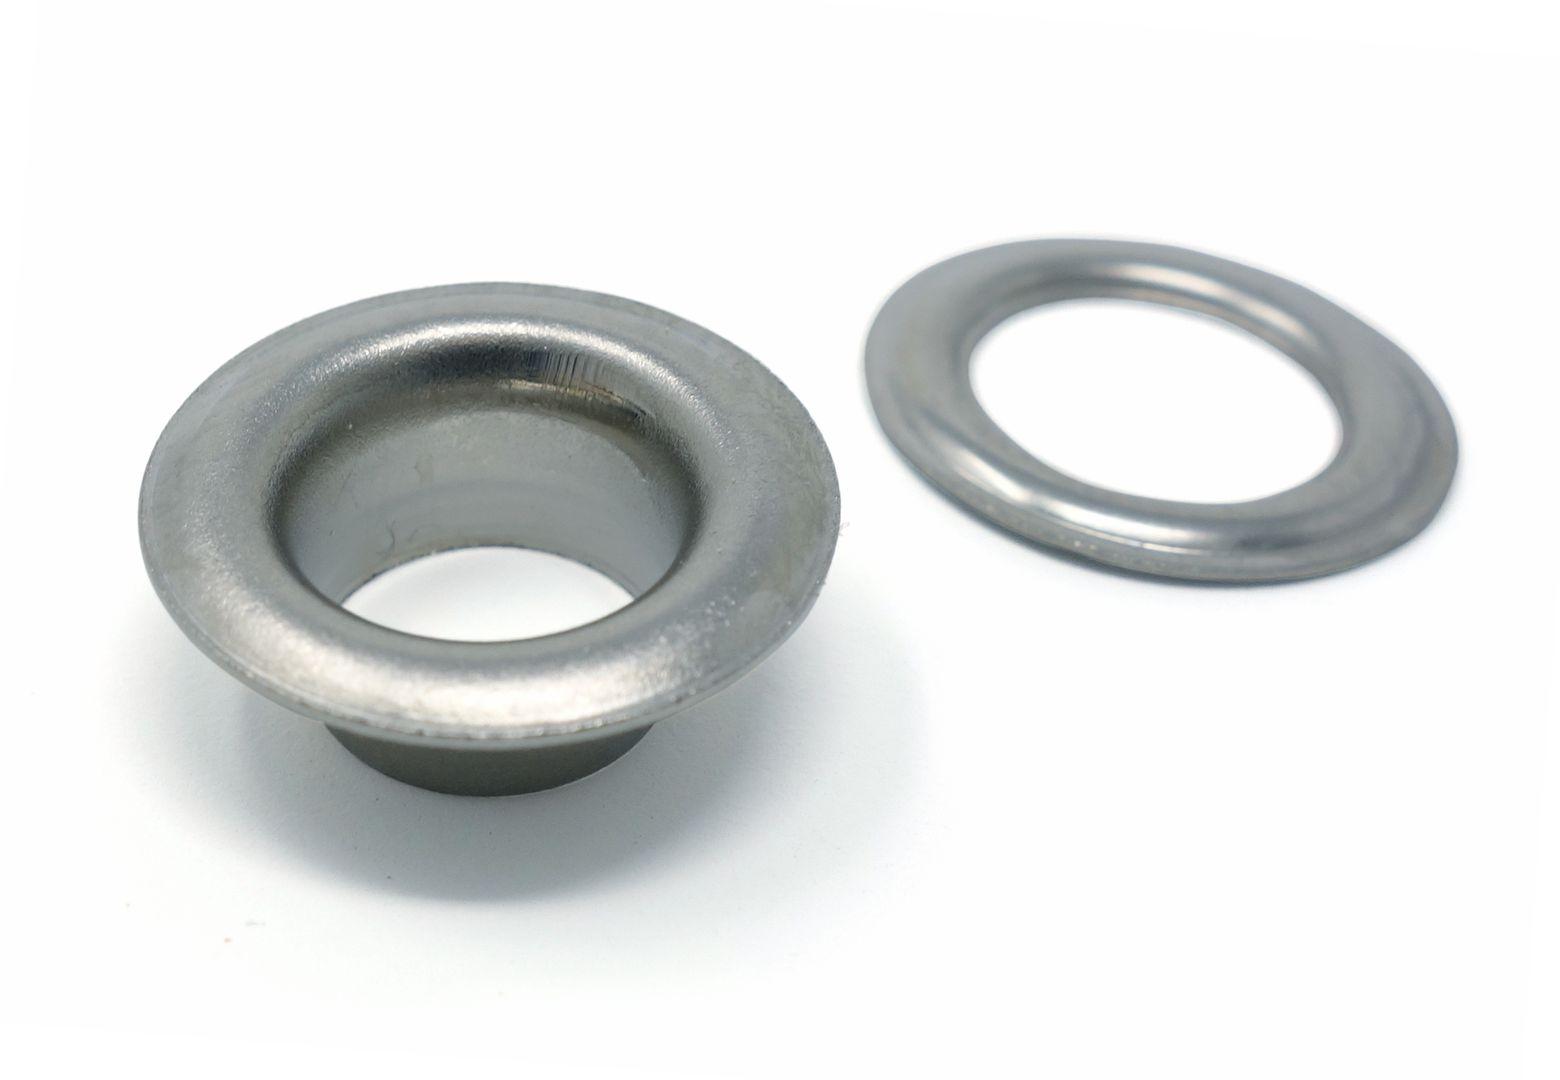 100 x 15,2 mm selbstlochende Ösen mit Scheibe (rostfrei) für Ösenpressen und Einschlagwerkzeuge – Bild 4